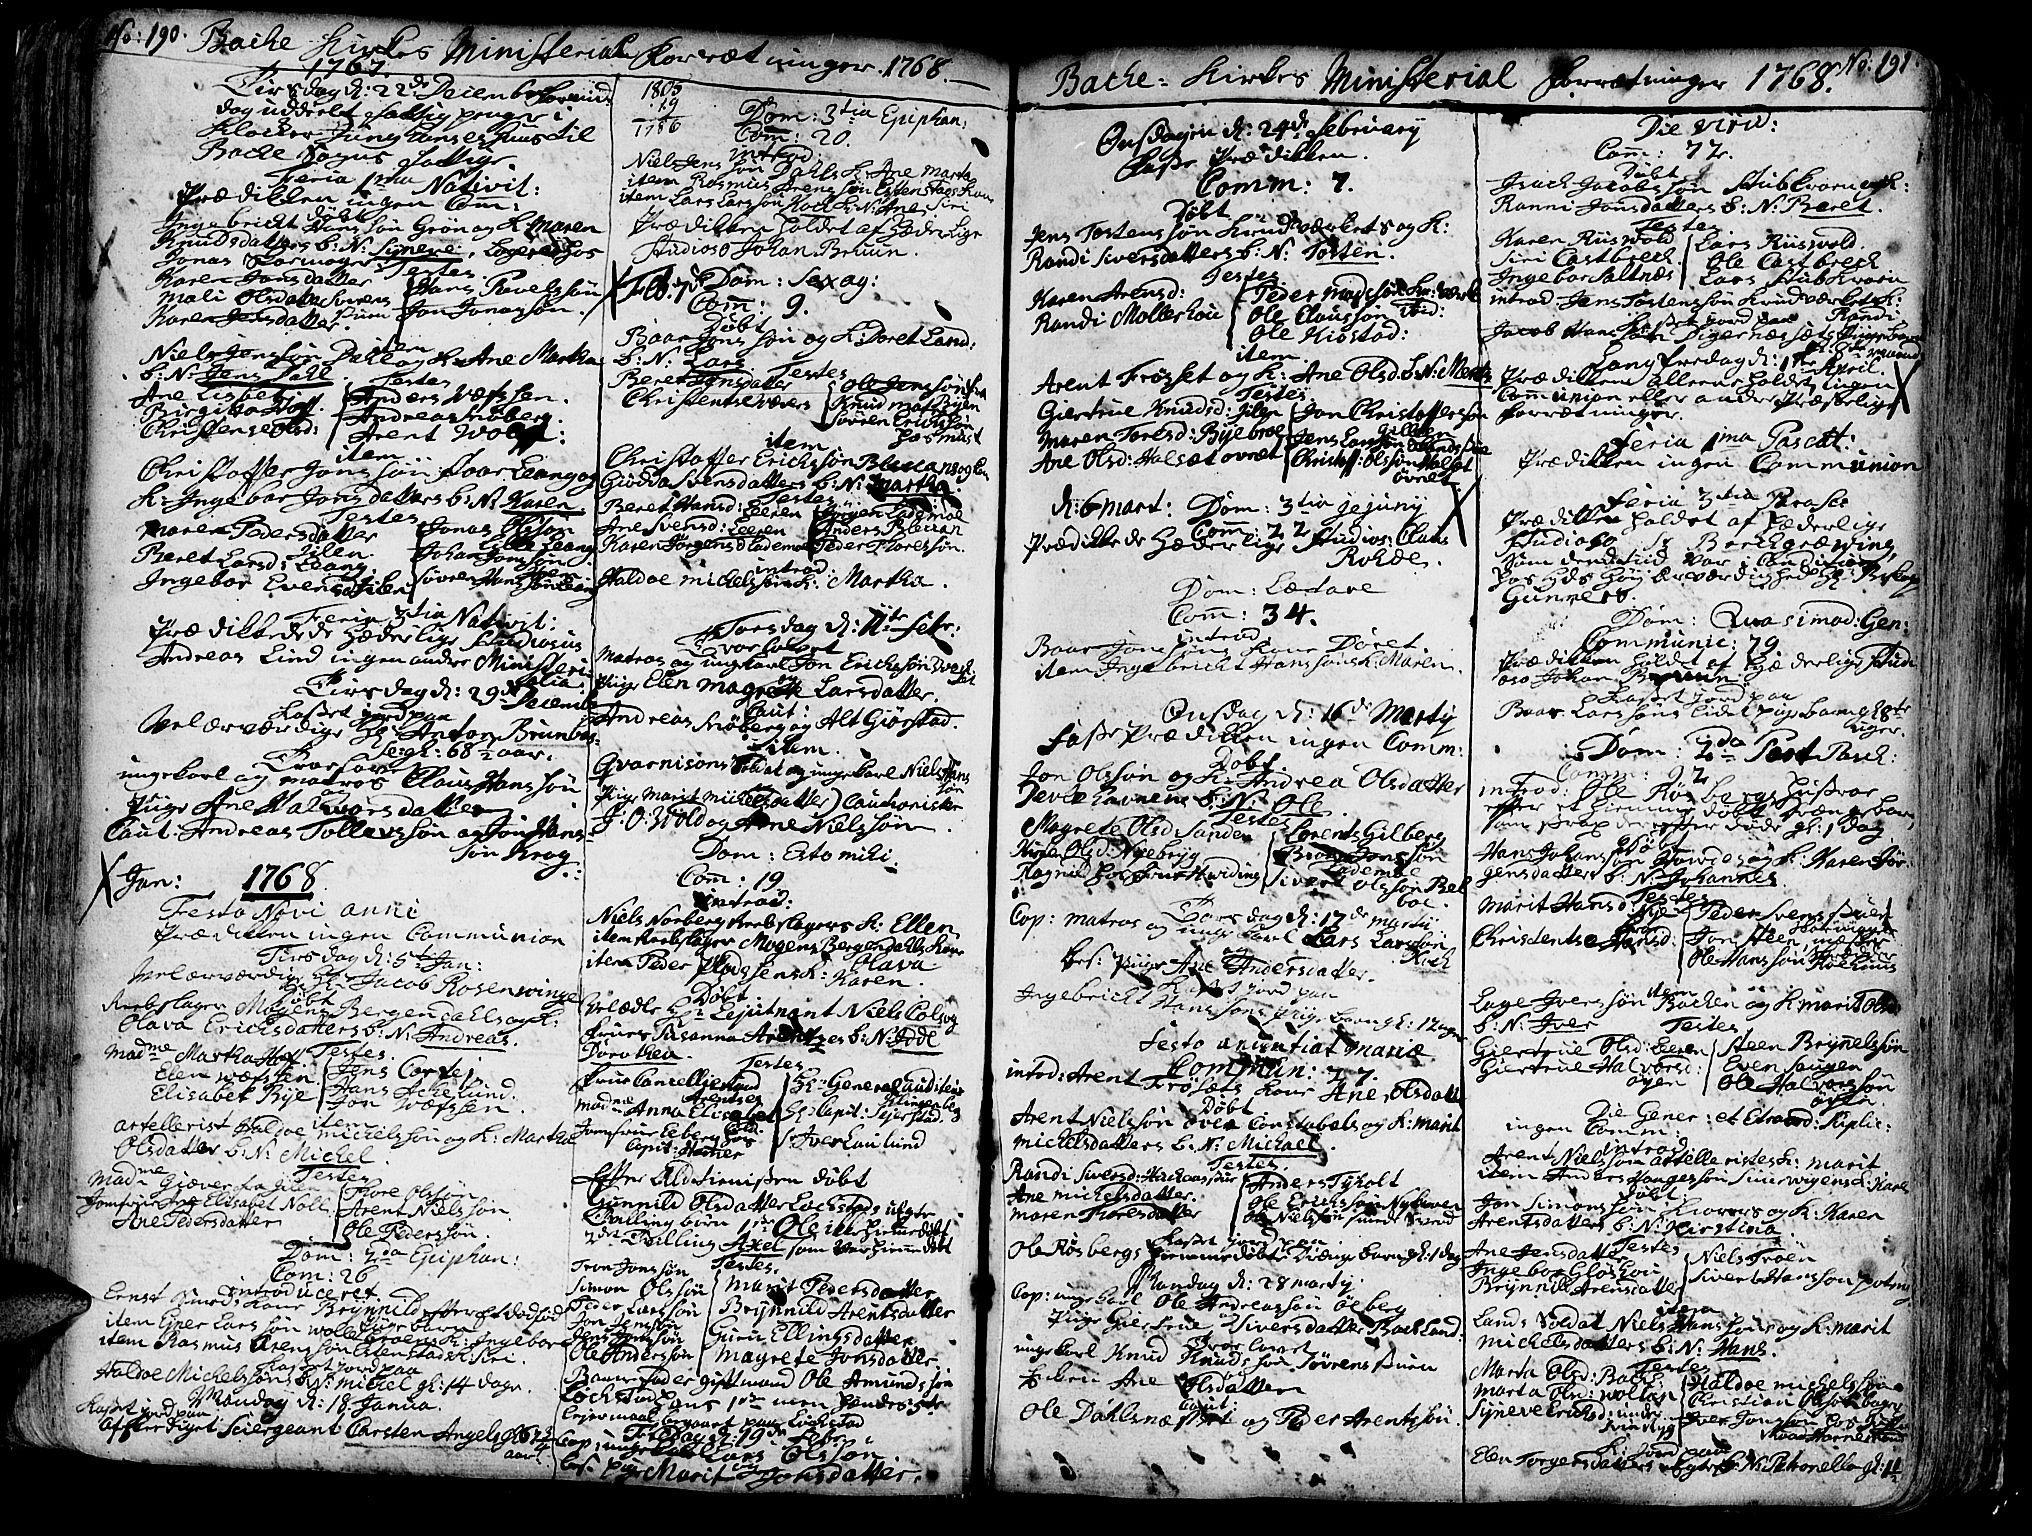 SAT, Ministerialprotokoller, klokkerbøker og fødselsregistre - Sør-Trøndelag, 606/L0276: Ministerialbok nr. 606A01 /2, 1727-1779, s. 190-191